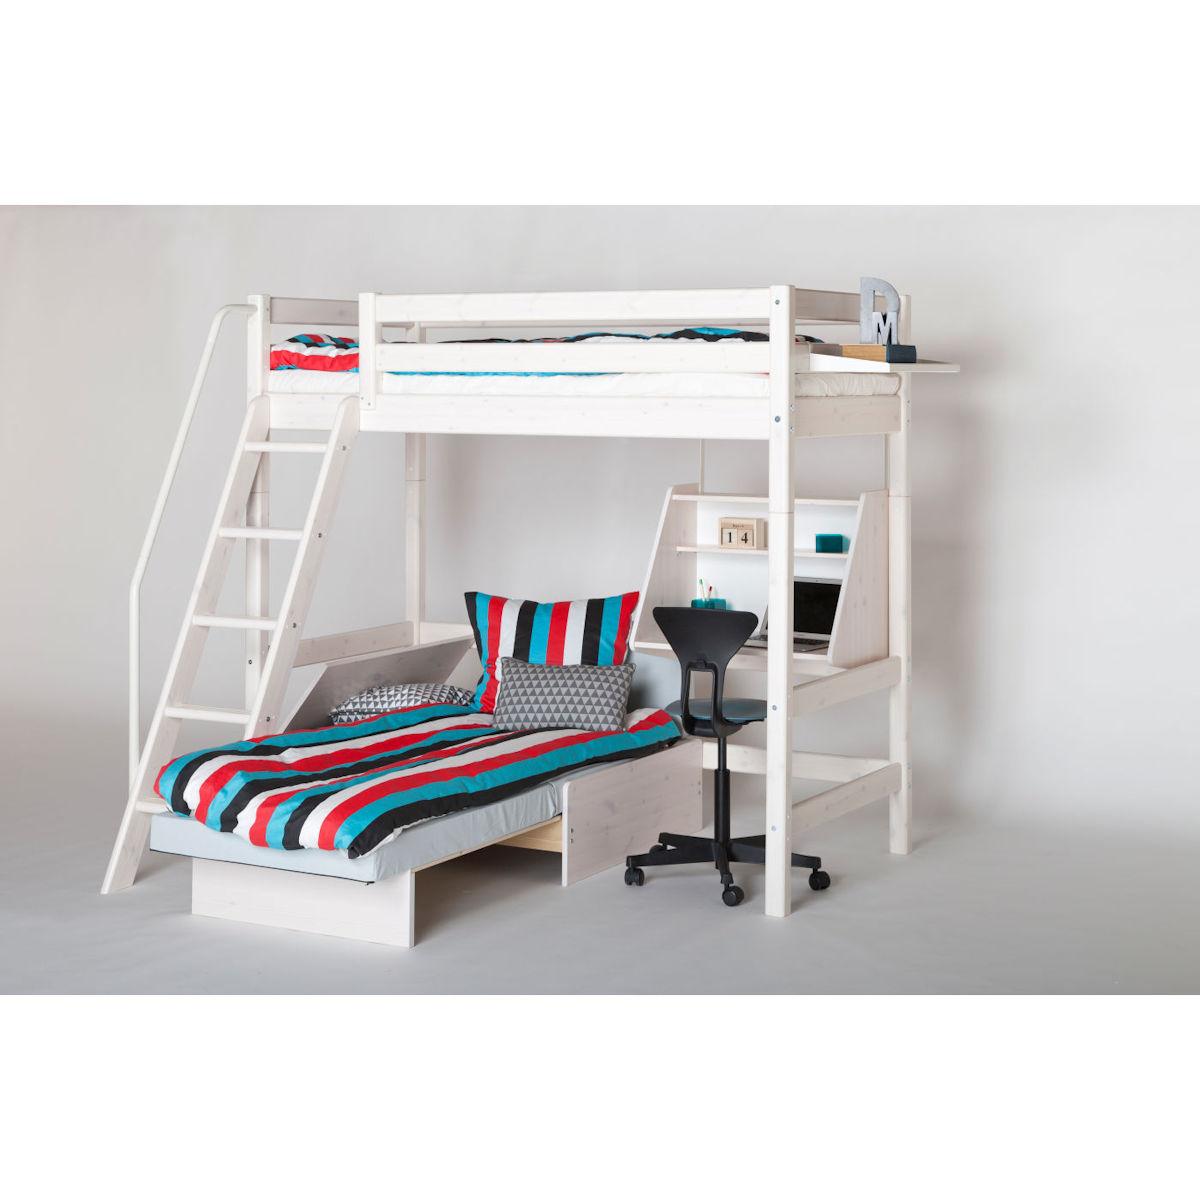 flexa hochbett wei amazing white halbhohes bett mit gerader leiter rutsche wei h cm with flexa. Black Bedroom Furniture Sets. Home Design Ideas